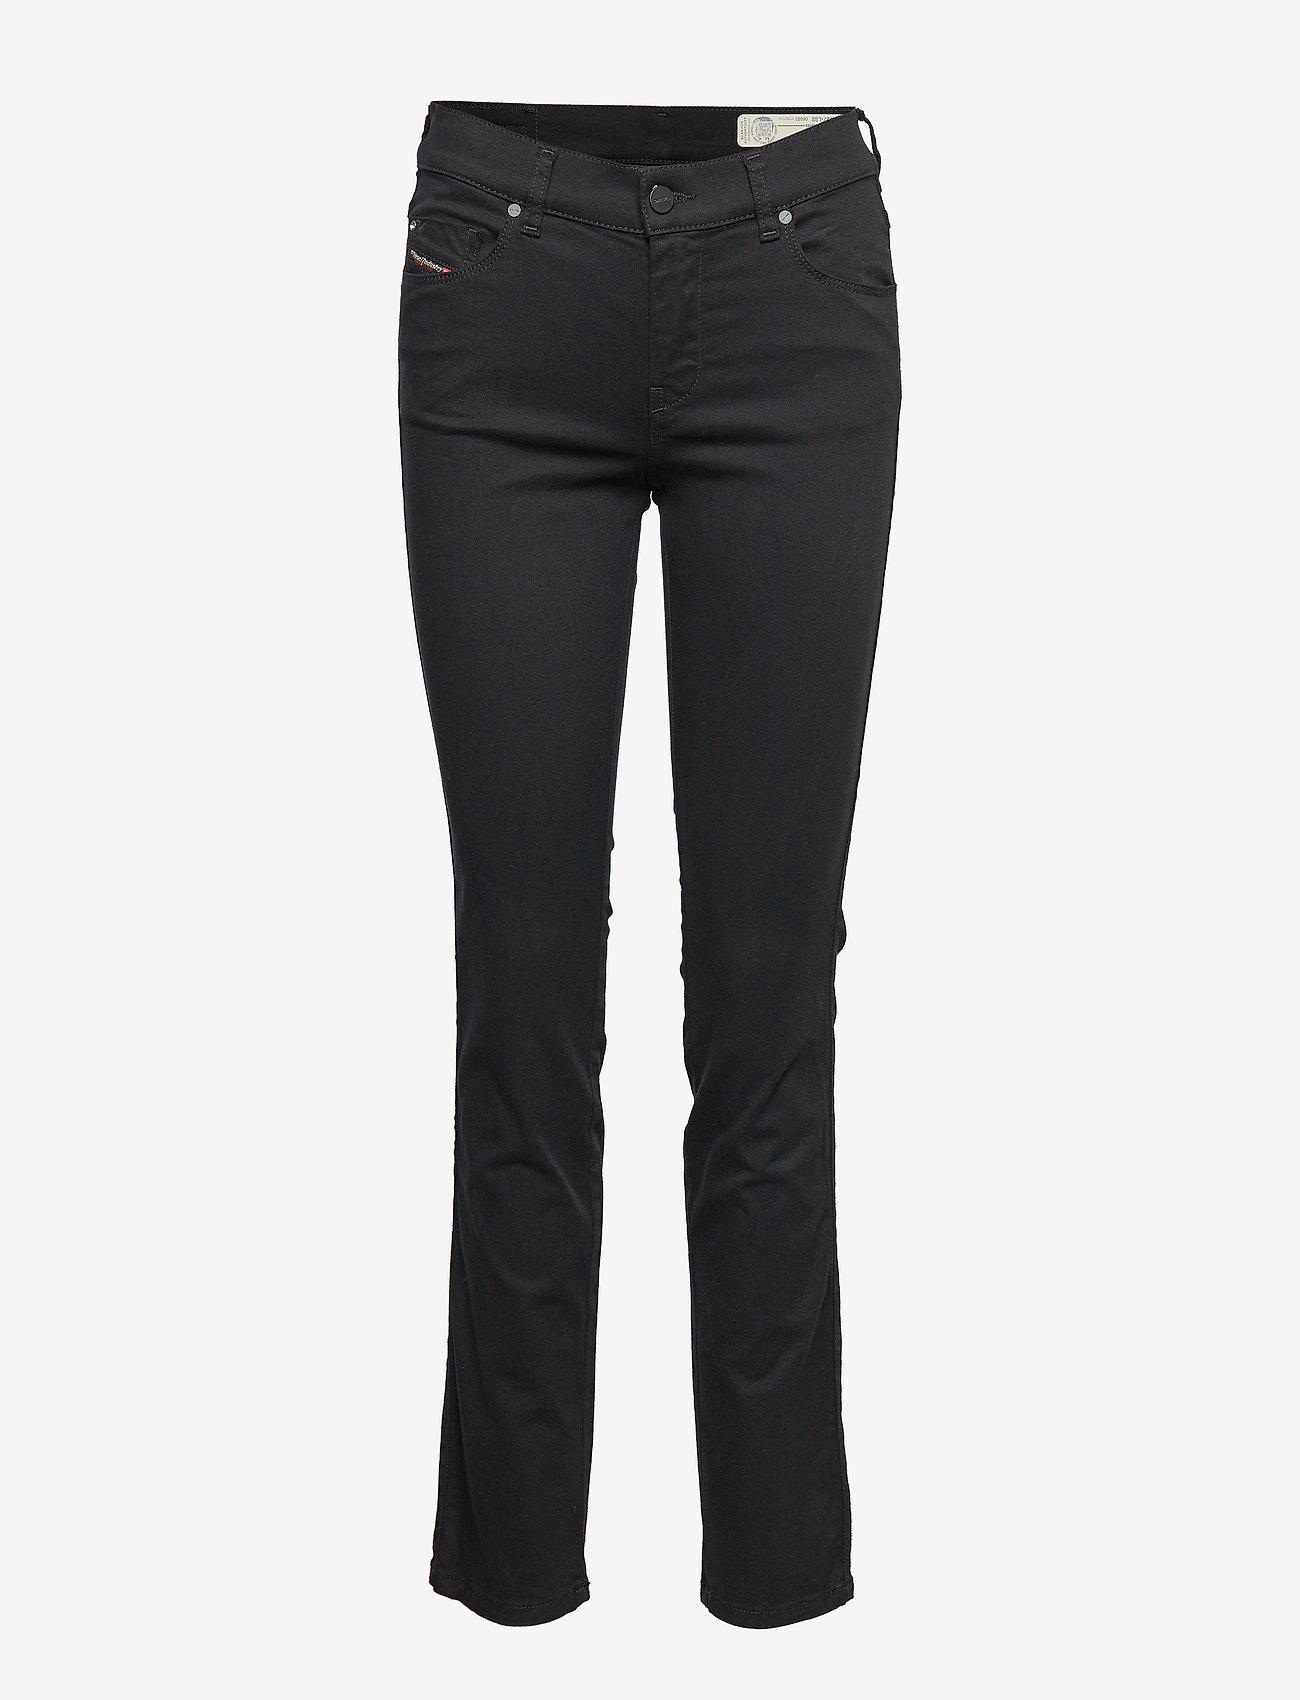 Diesel Women - SANDY 0665W - bootcut jeans - black/denim - 0